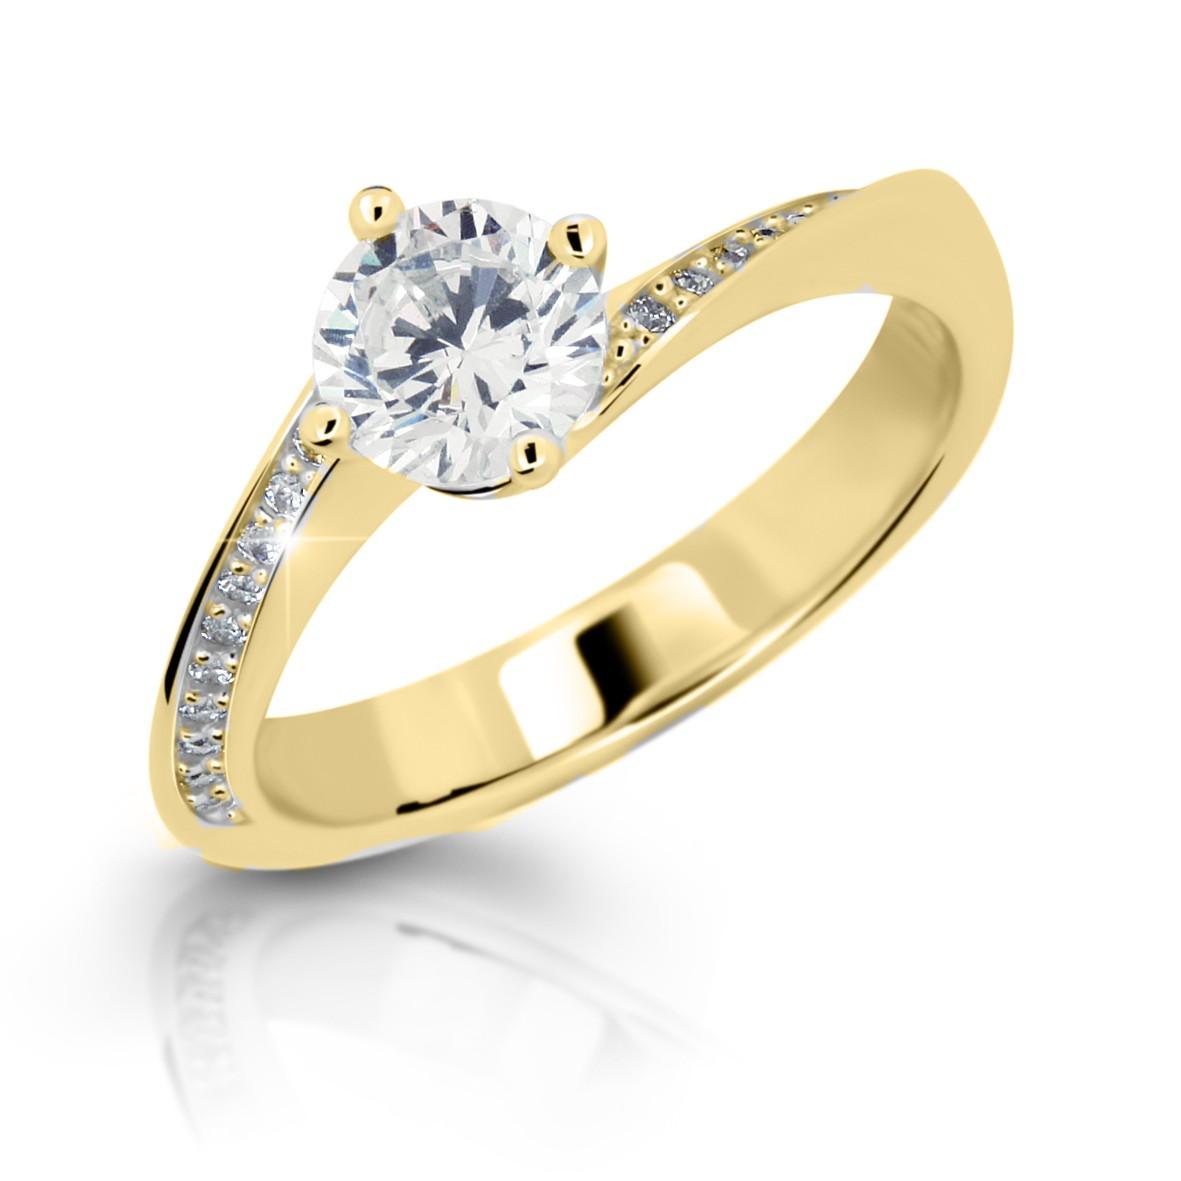 Zásnubný prsteň DF 2922 ž + darčekové balenie zdarma e7600c9f2a3